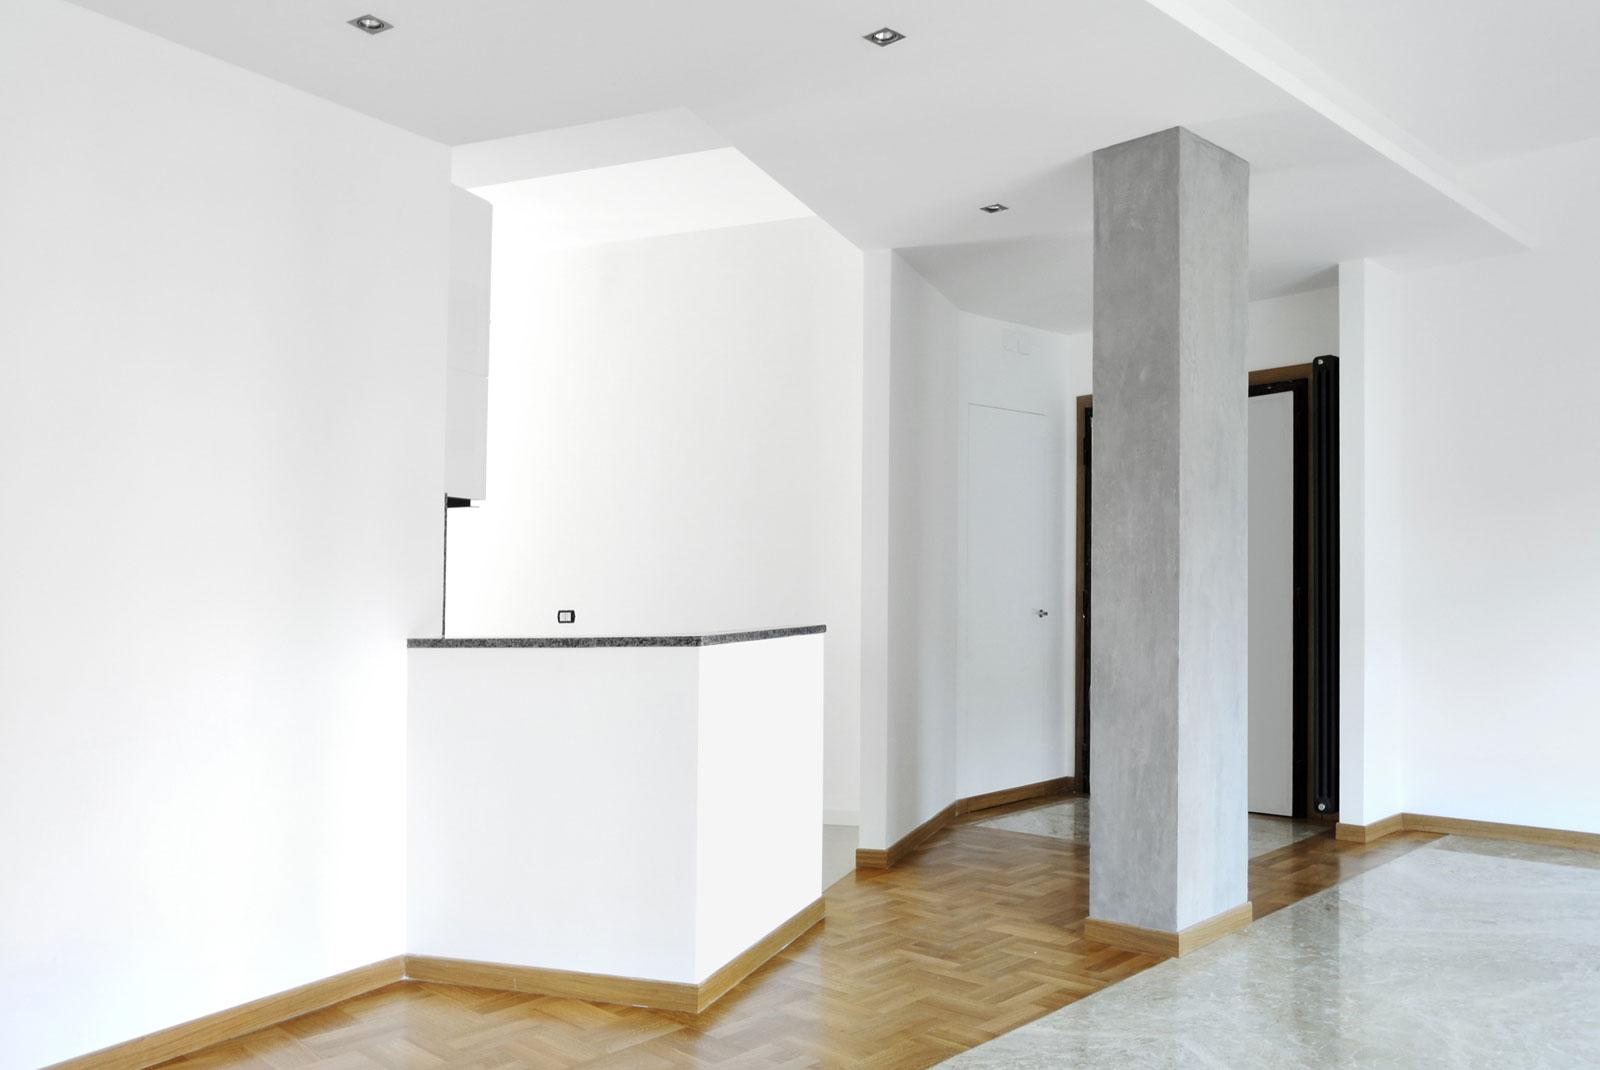 Piastrelle Bianche Diamantate Bagno press release: casa tiburtina | cafelab studio di architettura